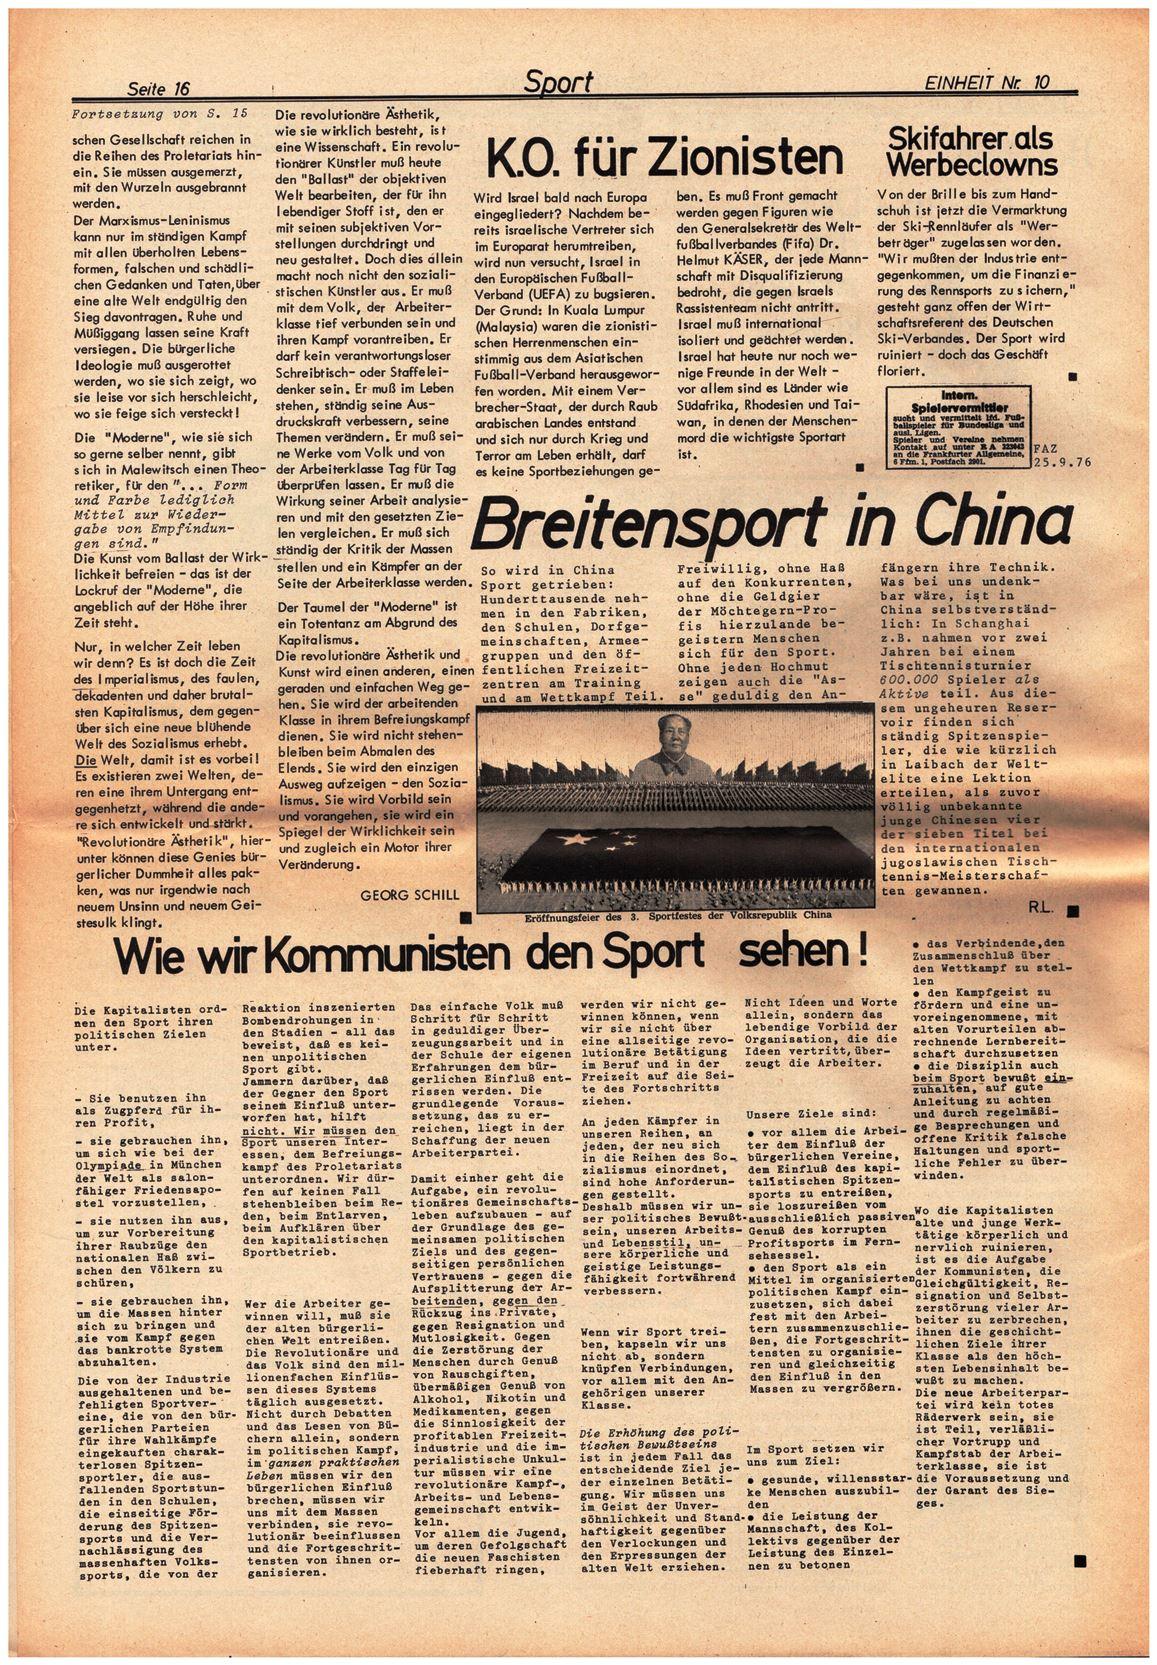 Koeln_IPdA_Einheit_1976_010_016